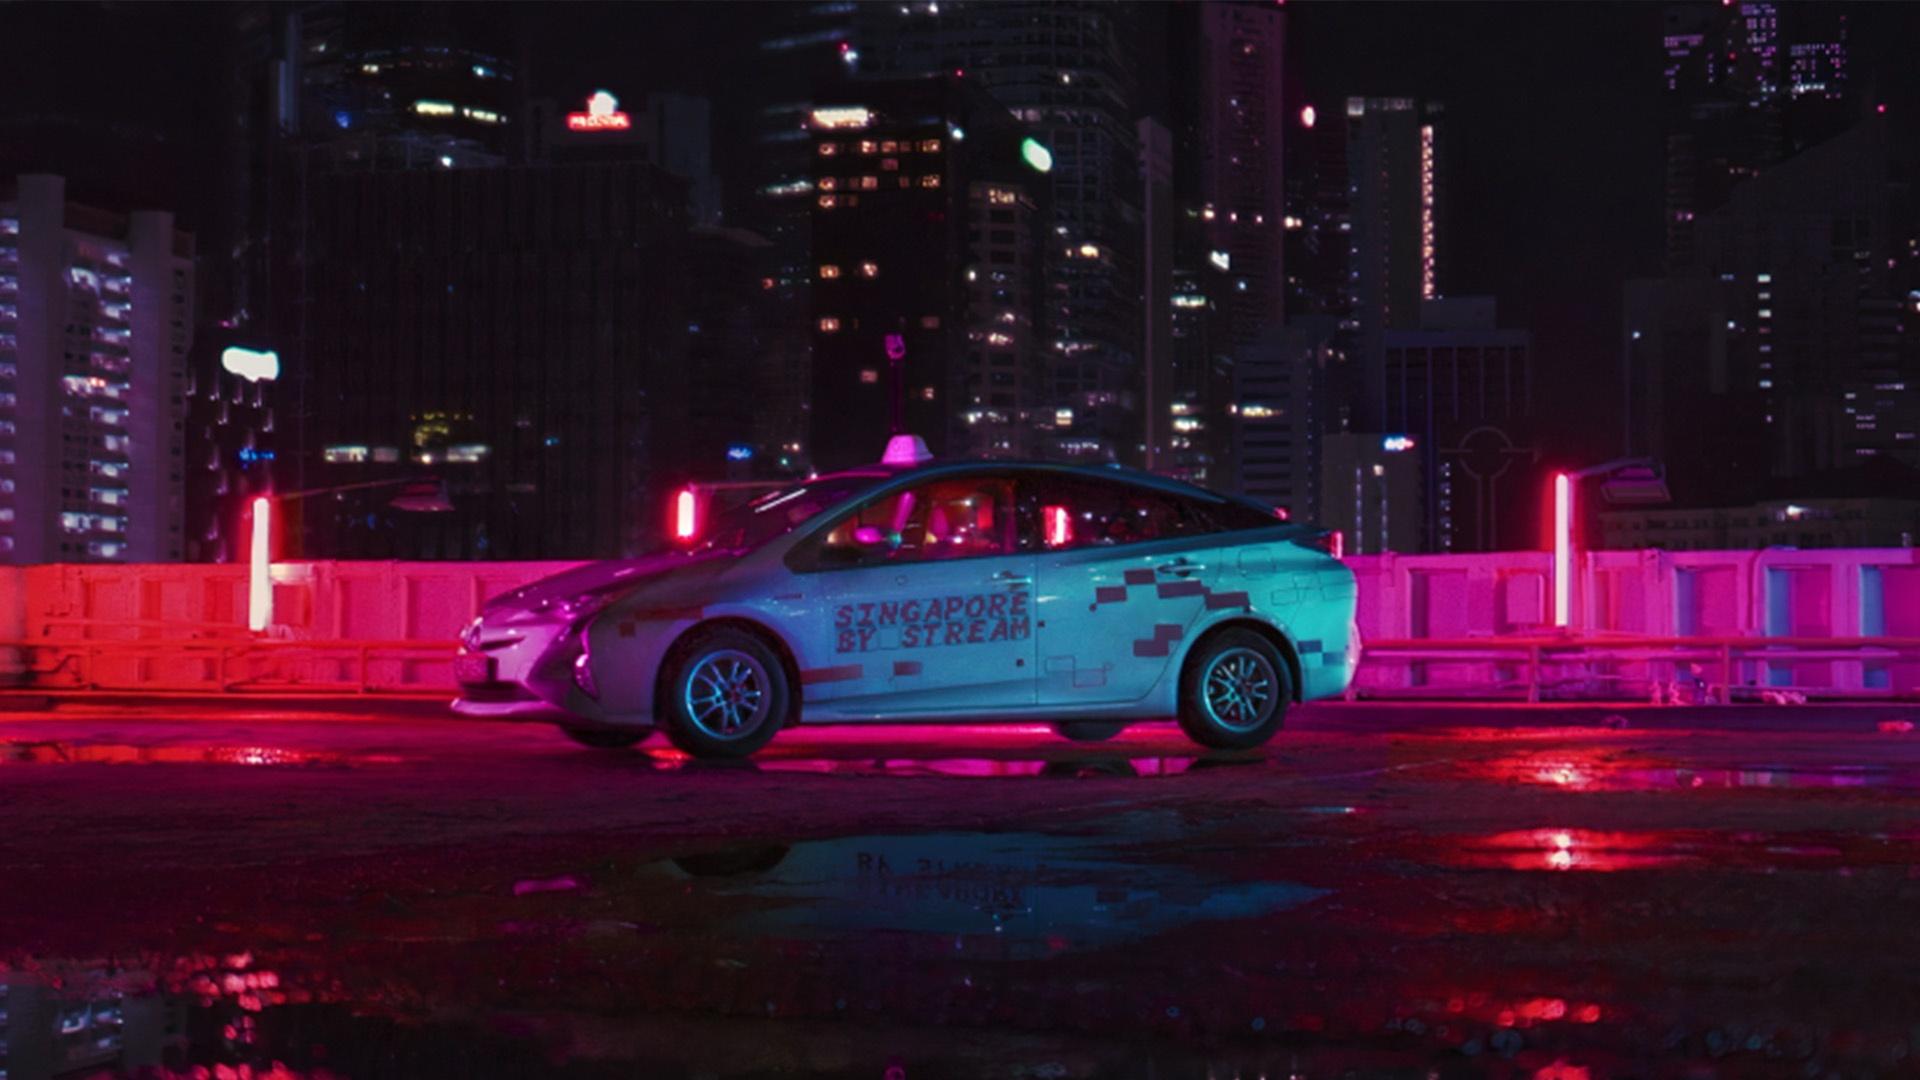 Что стоит за трансляциями сингапурских такси на Twitch, которые вдохновляют на путешествия в будущем